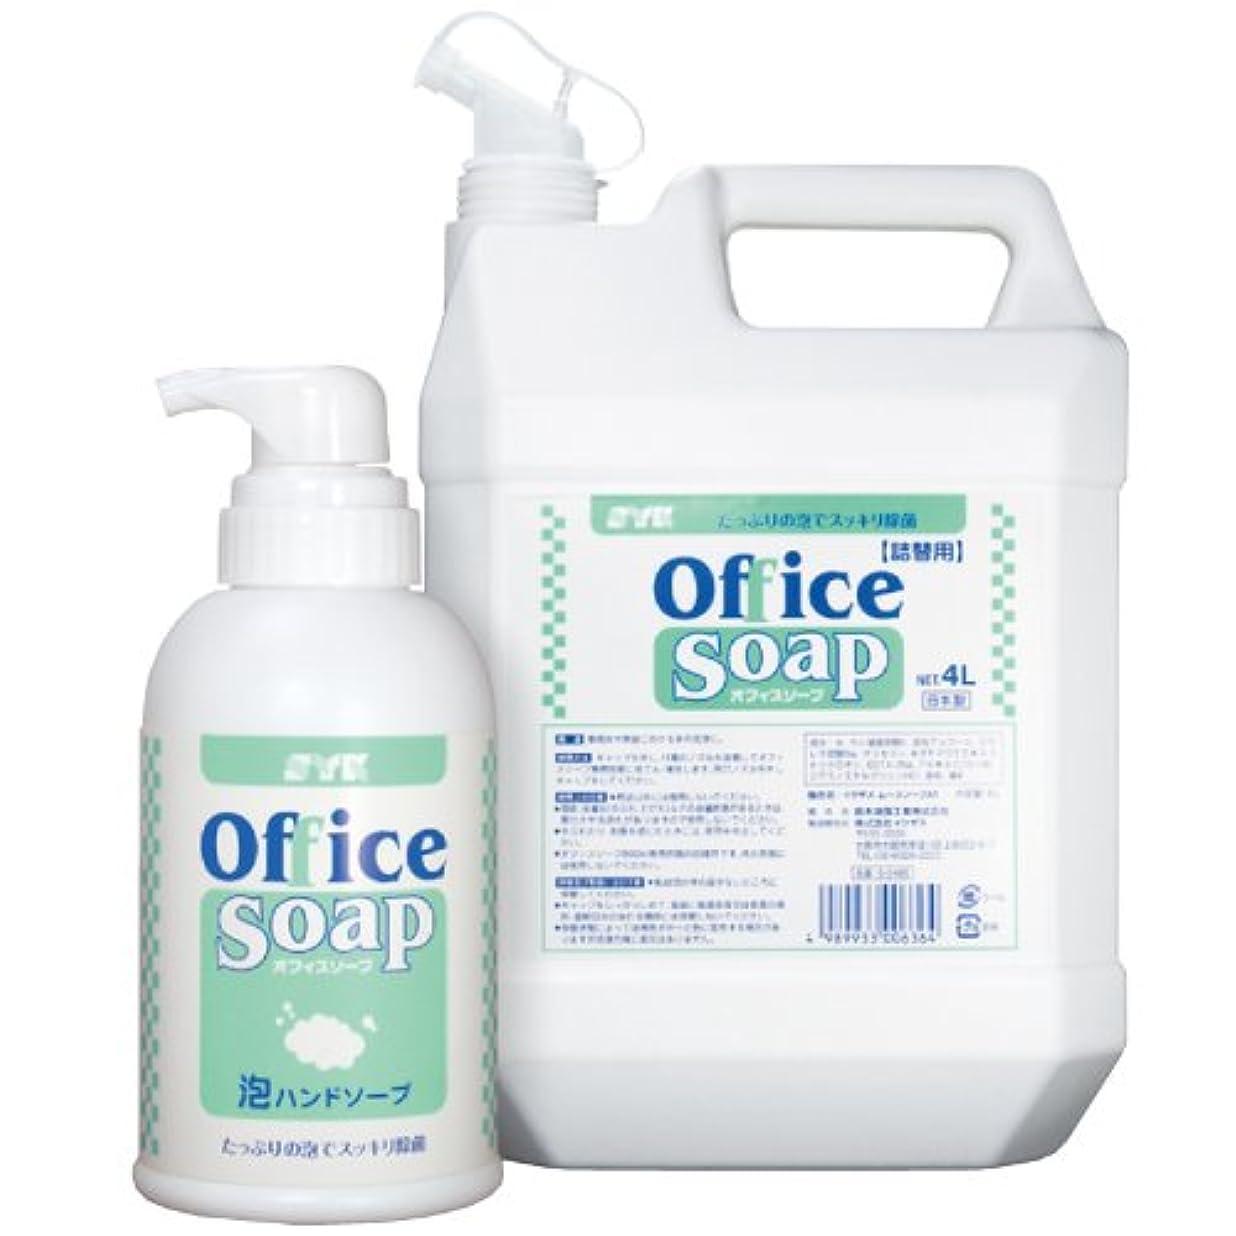 増幅する執着マニフェスト鈴木油脂 事務所用手洗い洗剤 業務用 オフィスソープ ポンプ入 780ml×3本